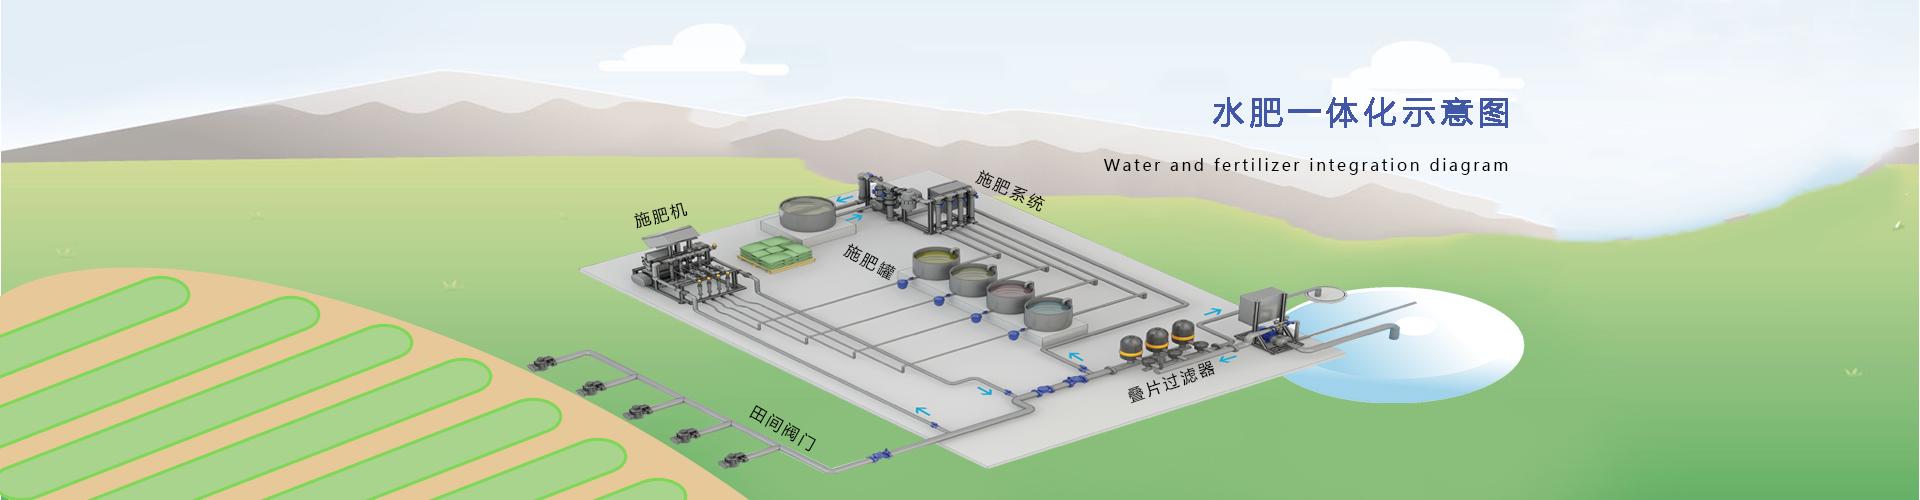 西安灌溉设备